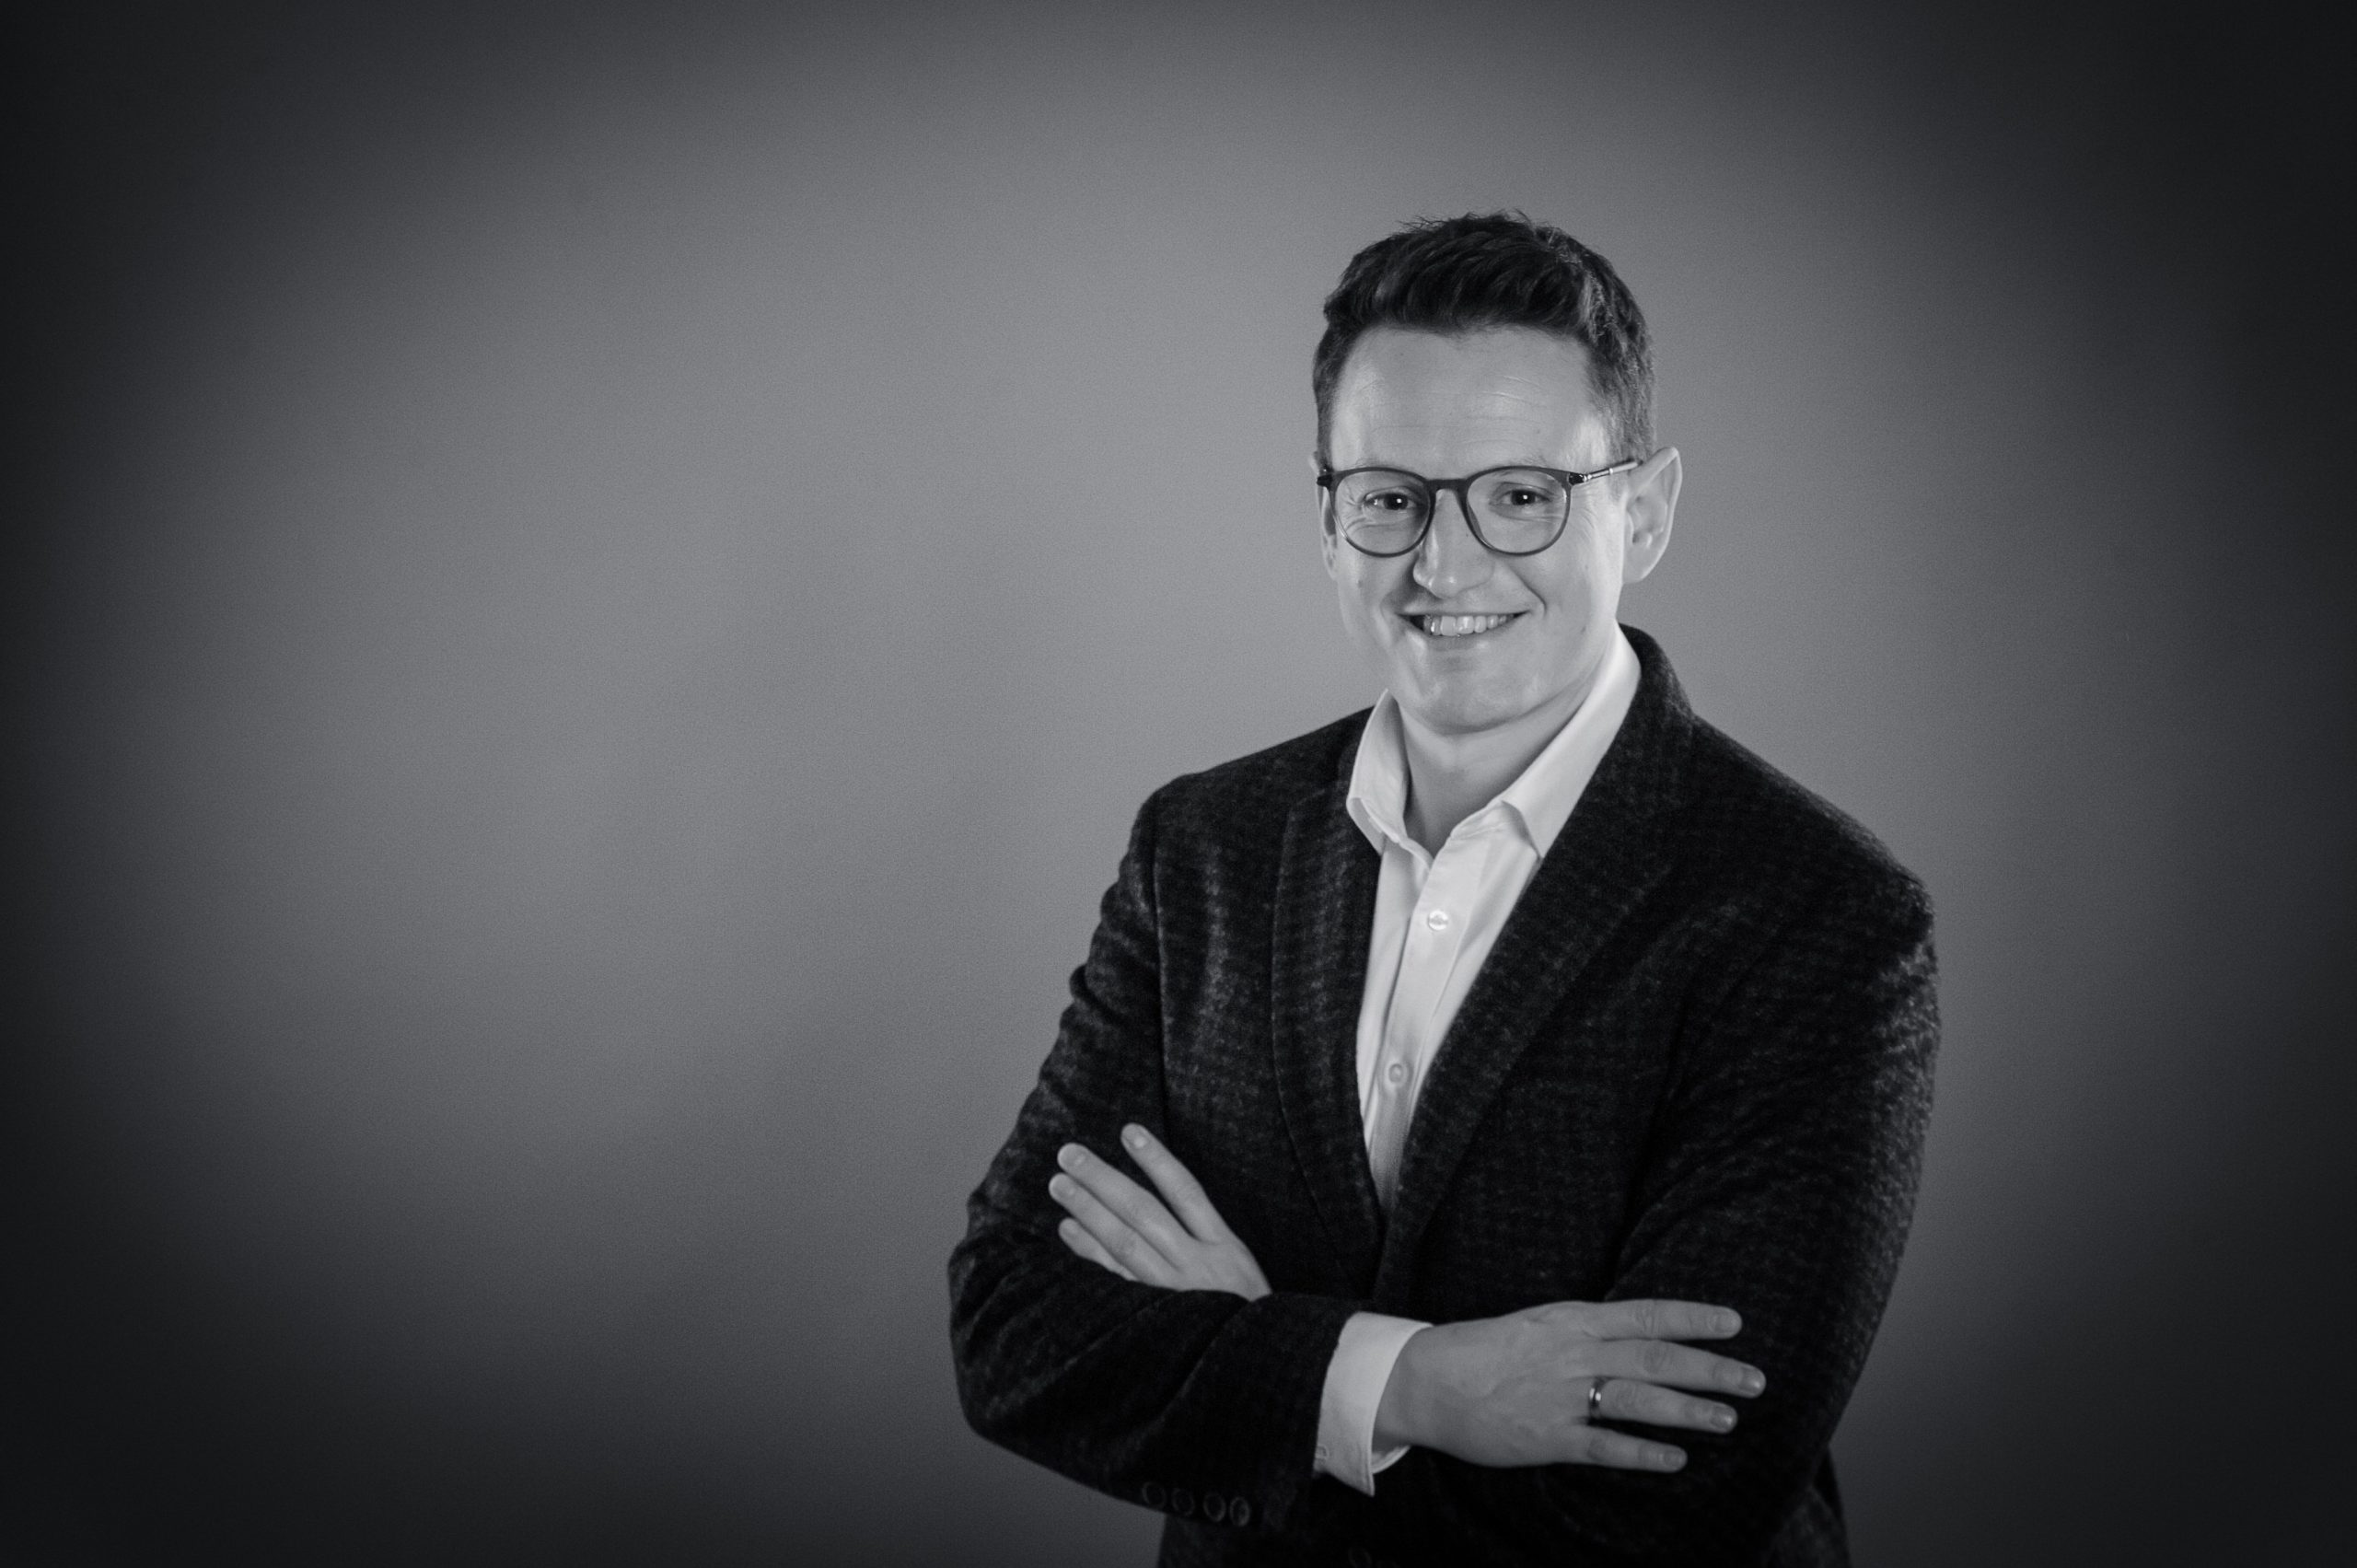 Adrian Penner übernimmt die Vertriebsleitung des Geschäftsbereichs für professionelle Küchentechnik bei Smeg Foodservice.